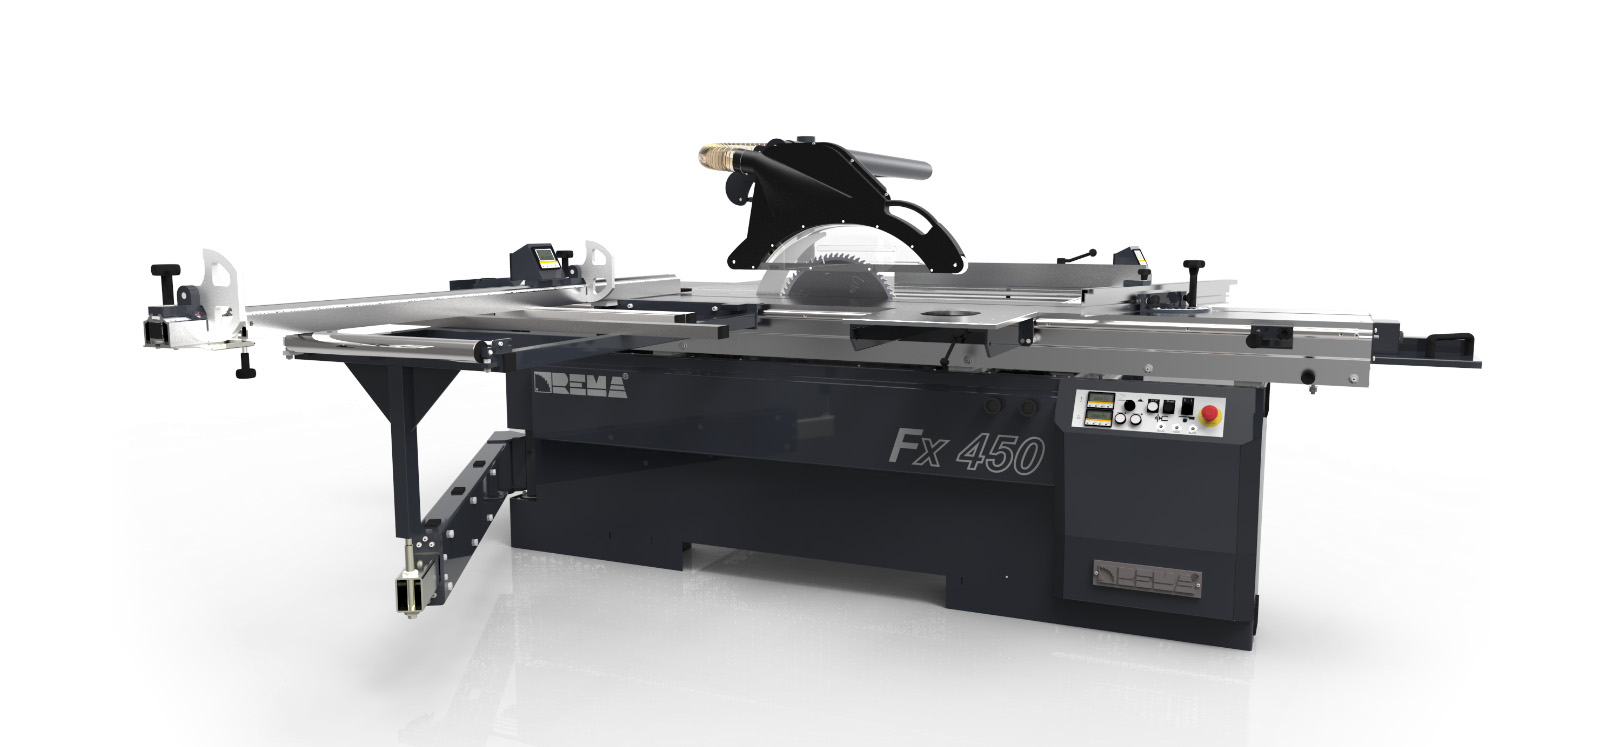 Rema Fx450